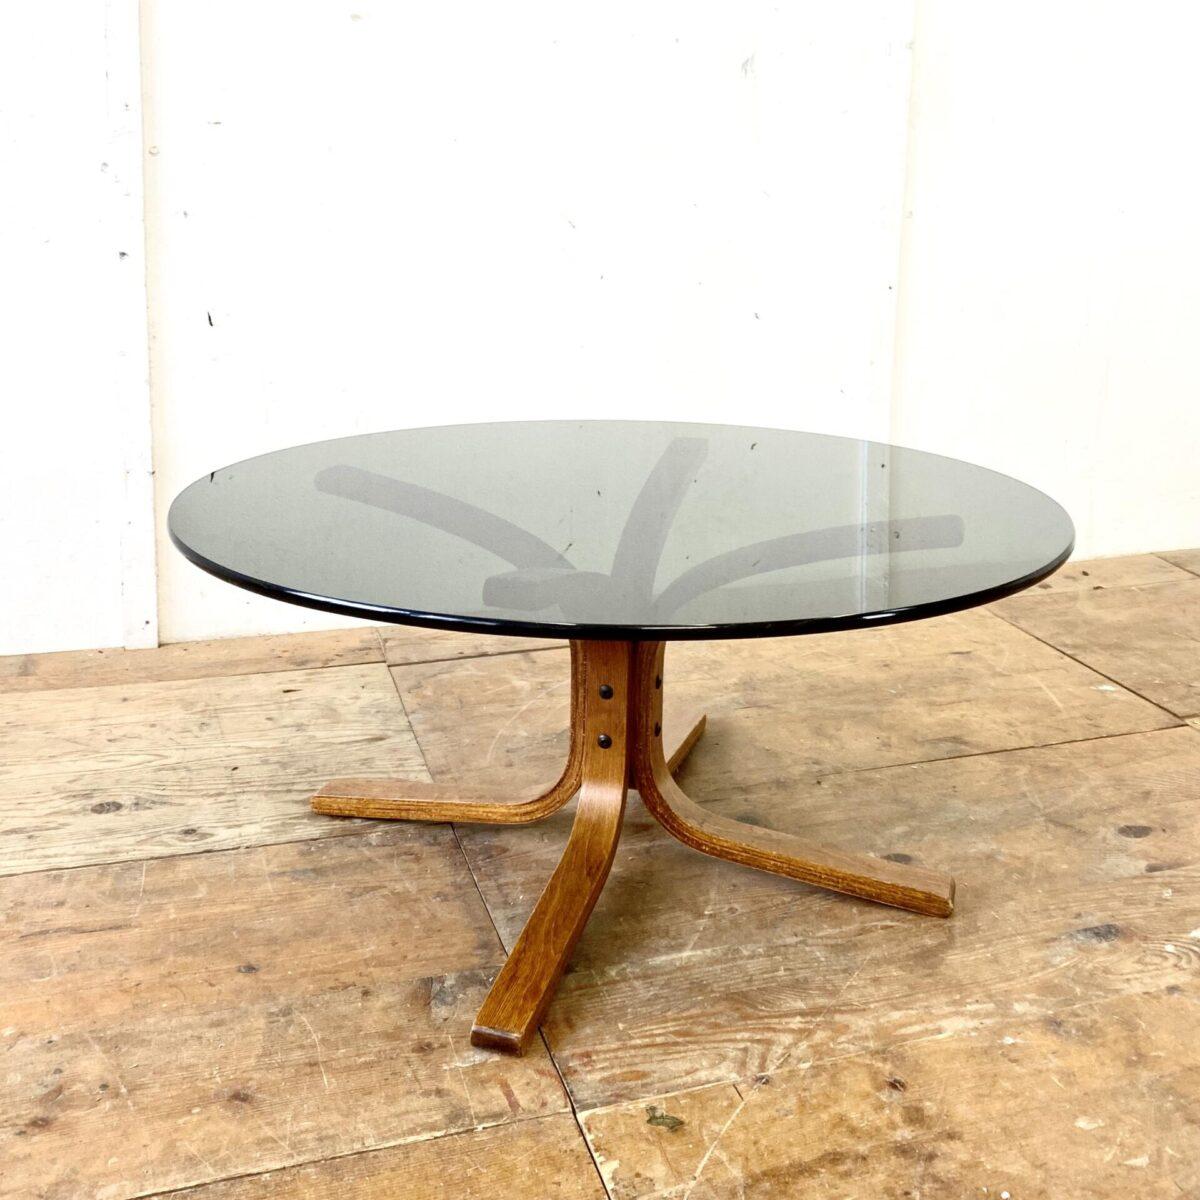 Glas Salontisch von Ingmar Relling für Westnofa aus den 60er Jahren. Durchmesser 90cm Höhe 40cm. Das Tischblatt aus schwarzem Rauchglas ist 12mm dick. Der Unterbau ist aus Buche Formsperrholz.